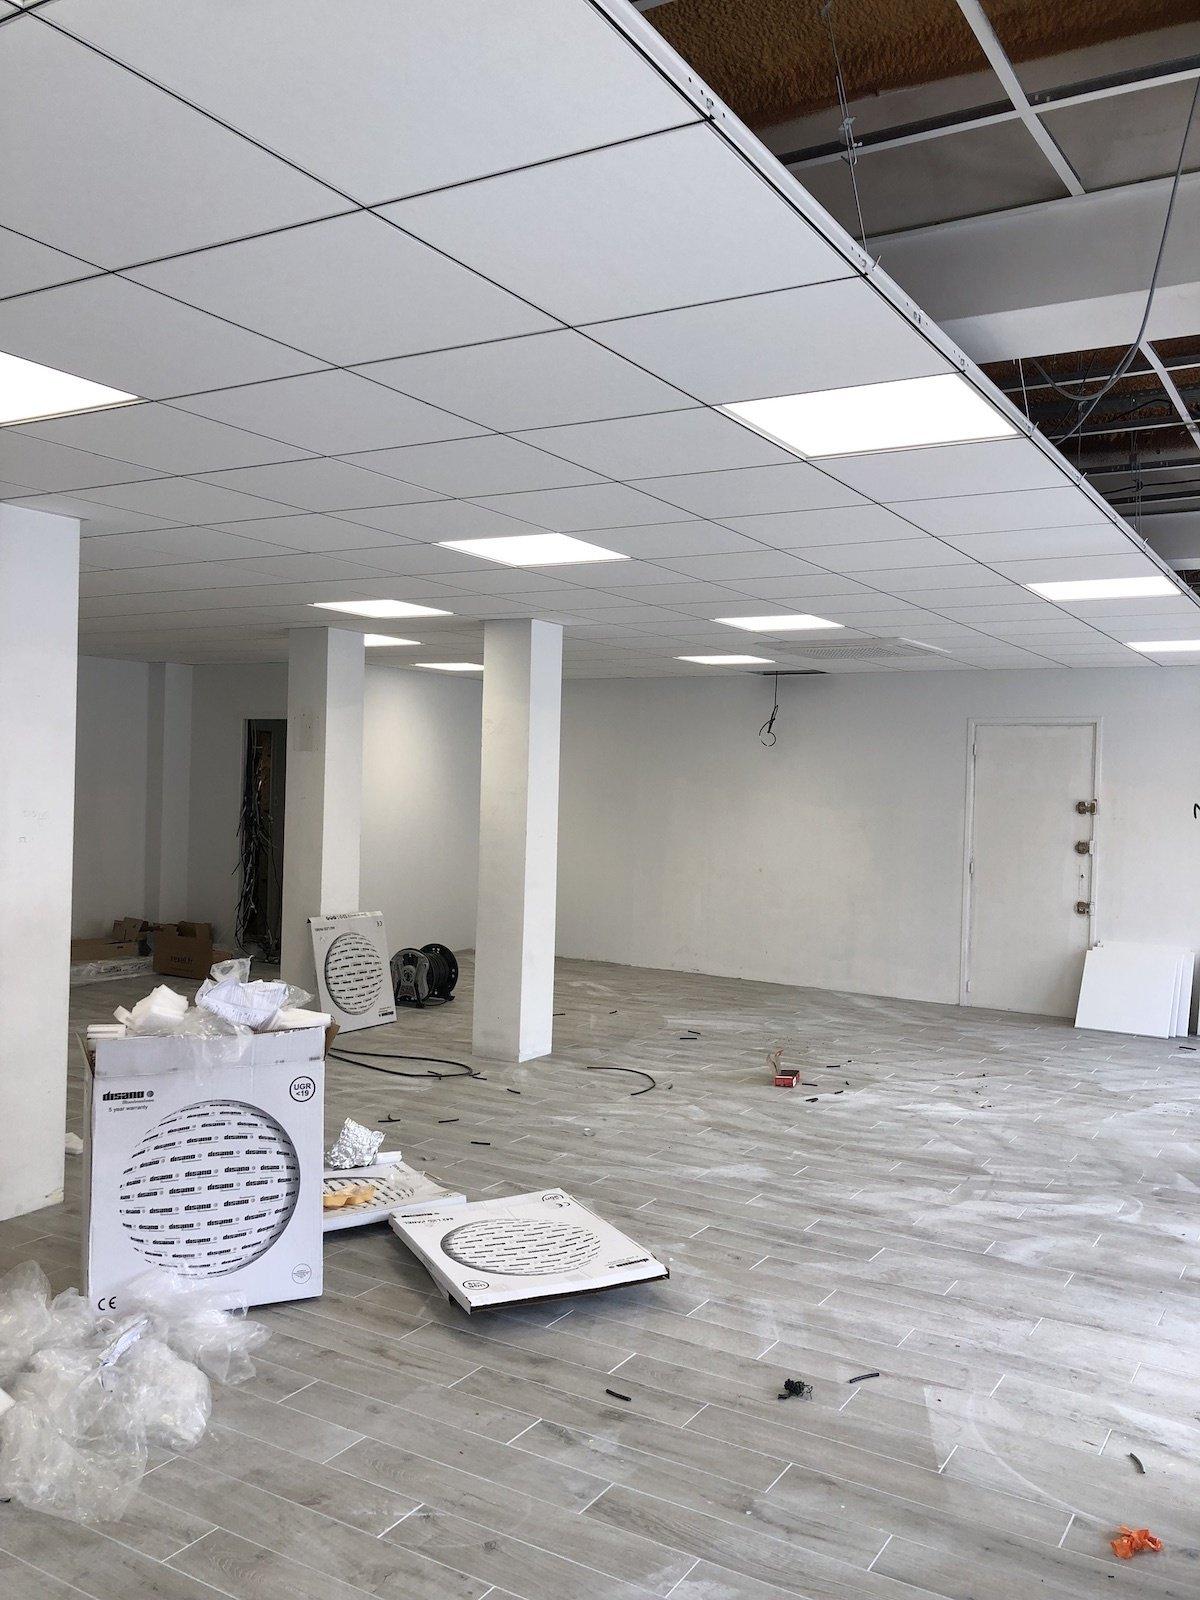 Rénovation électrique complète dans un magasin à Hendaye